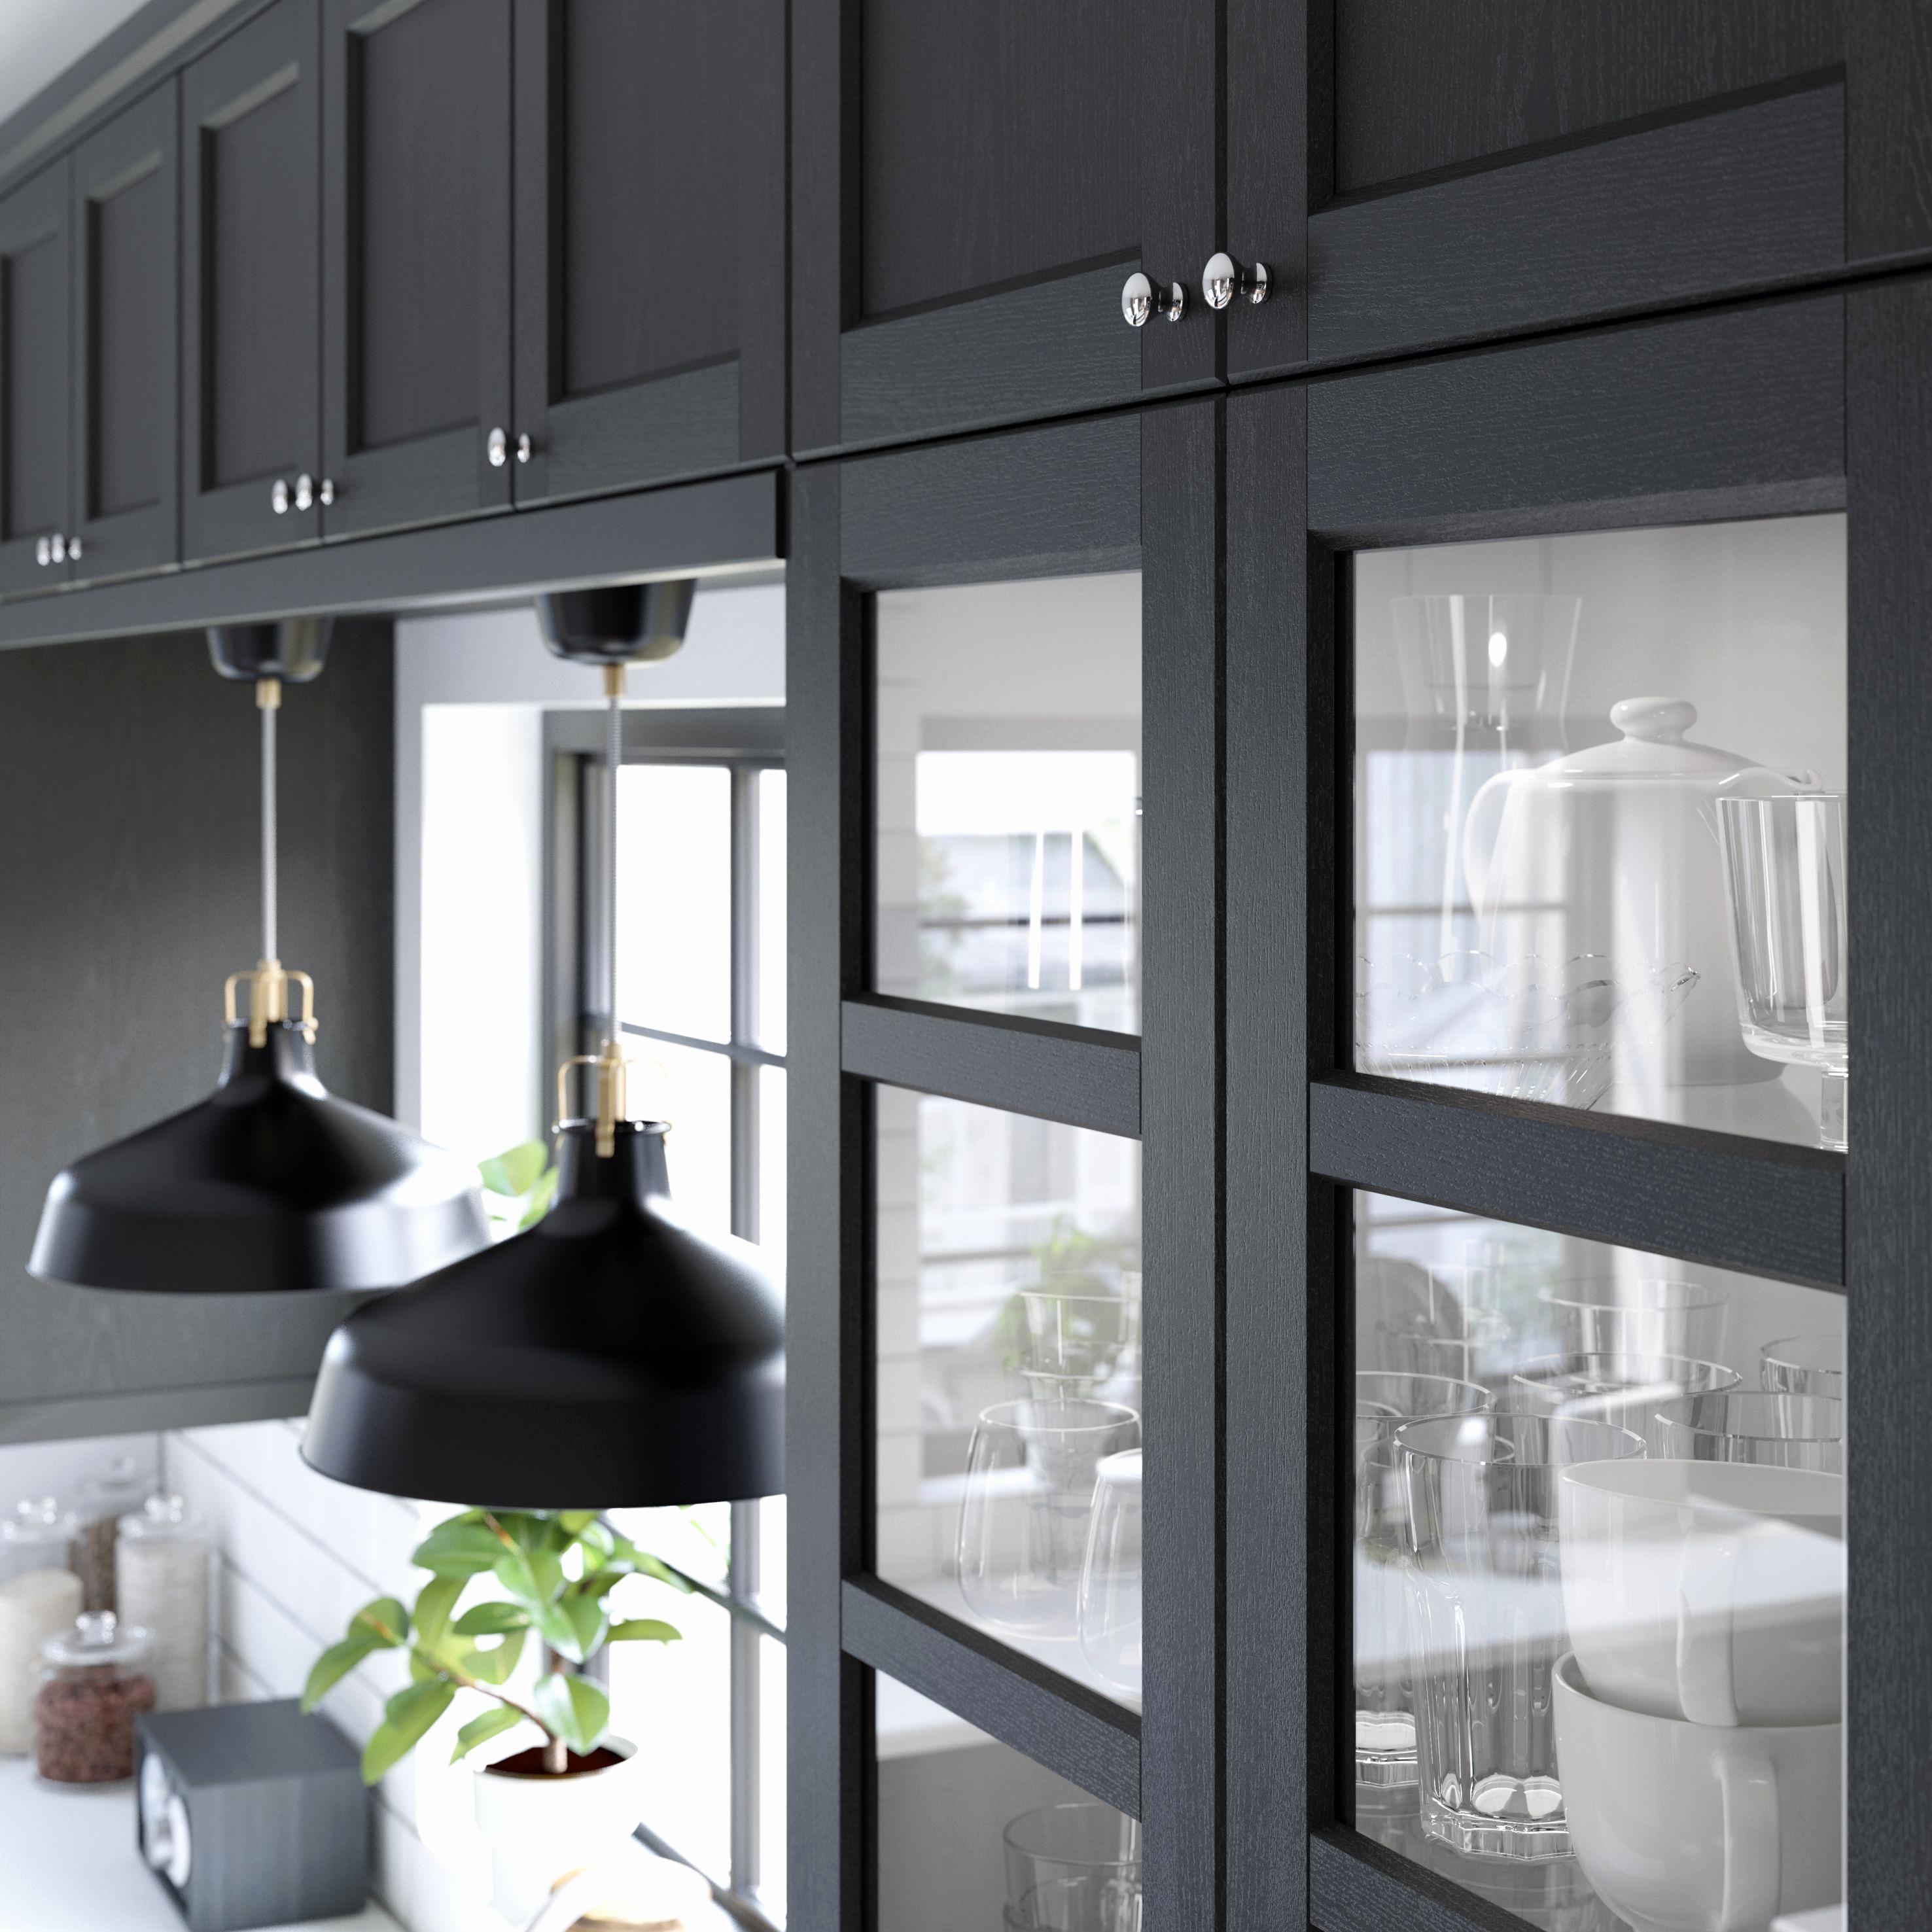 rideau velux ikea altoservices. Black Bedroom Furniture Sets. Home Design Ideas